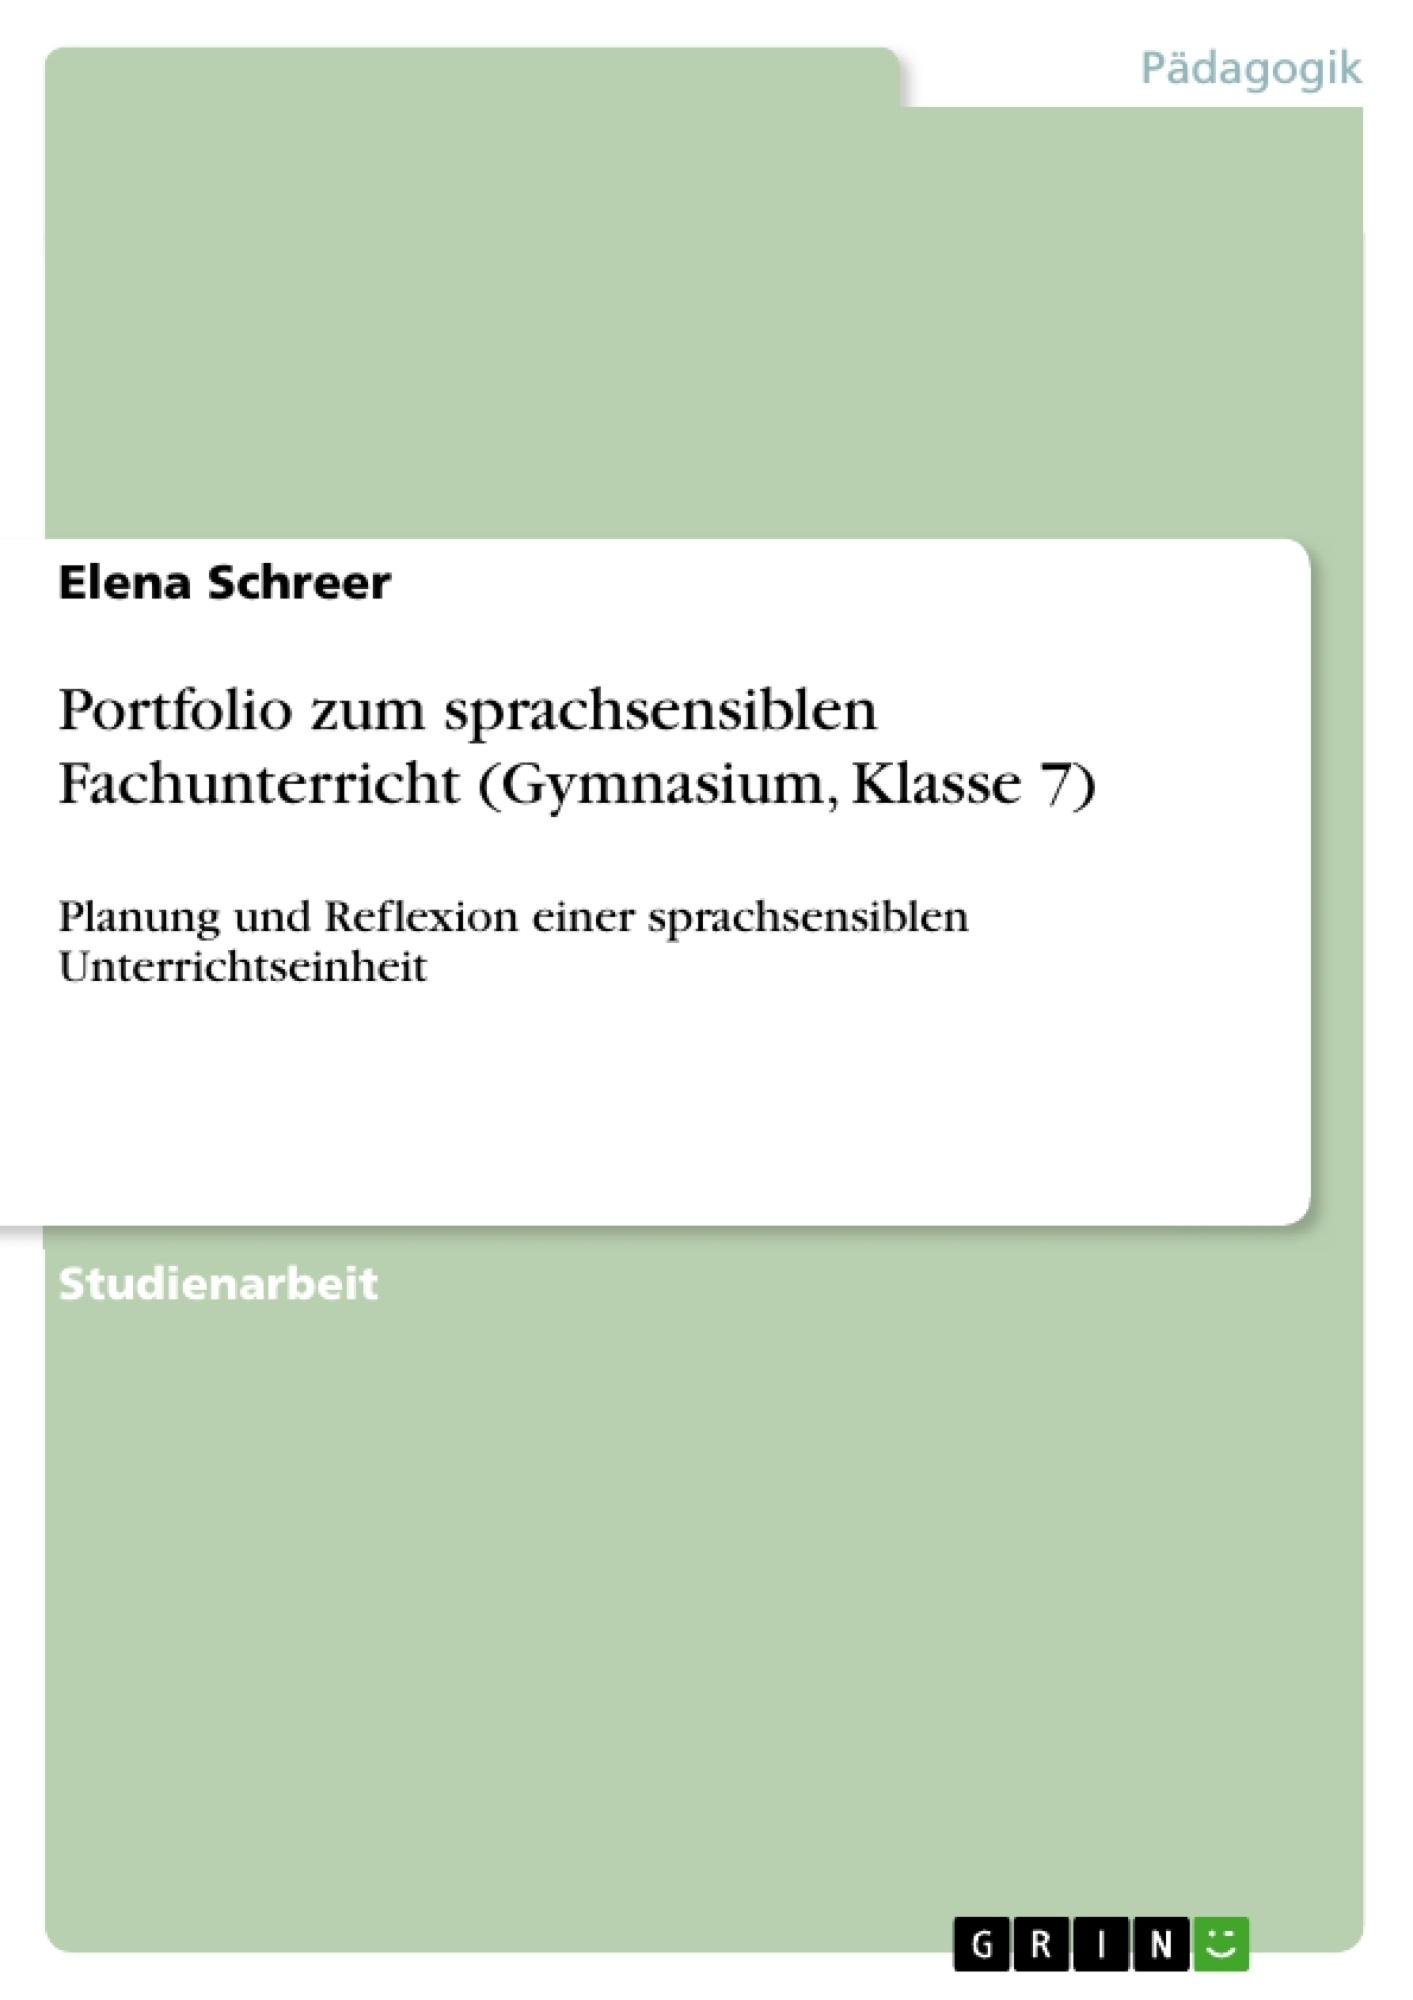 Titel: Portfolio zum sprachsensiblen Fachunterricht (Gymnasium, Klasse 7)